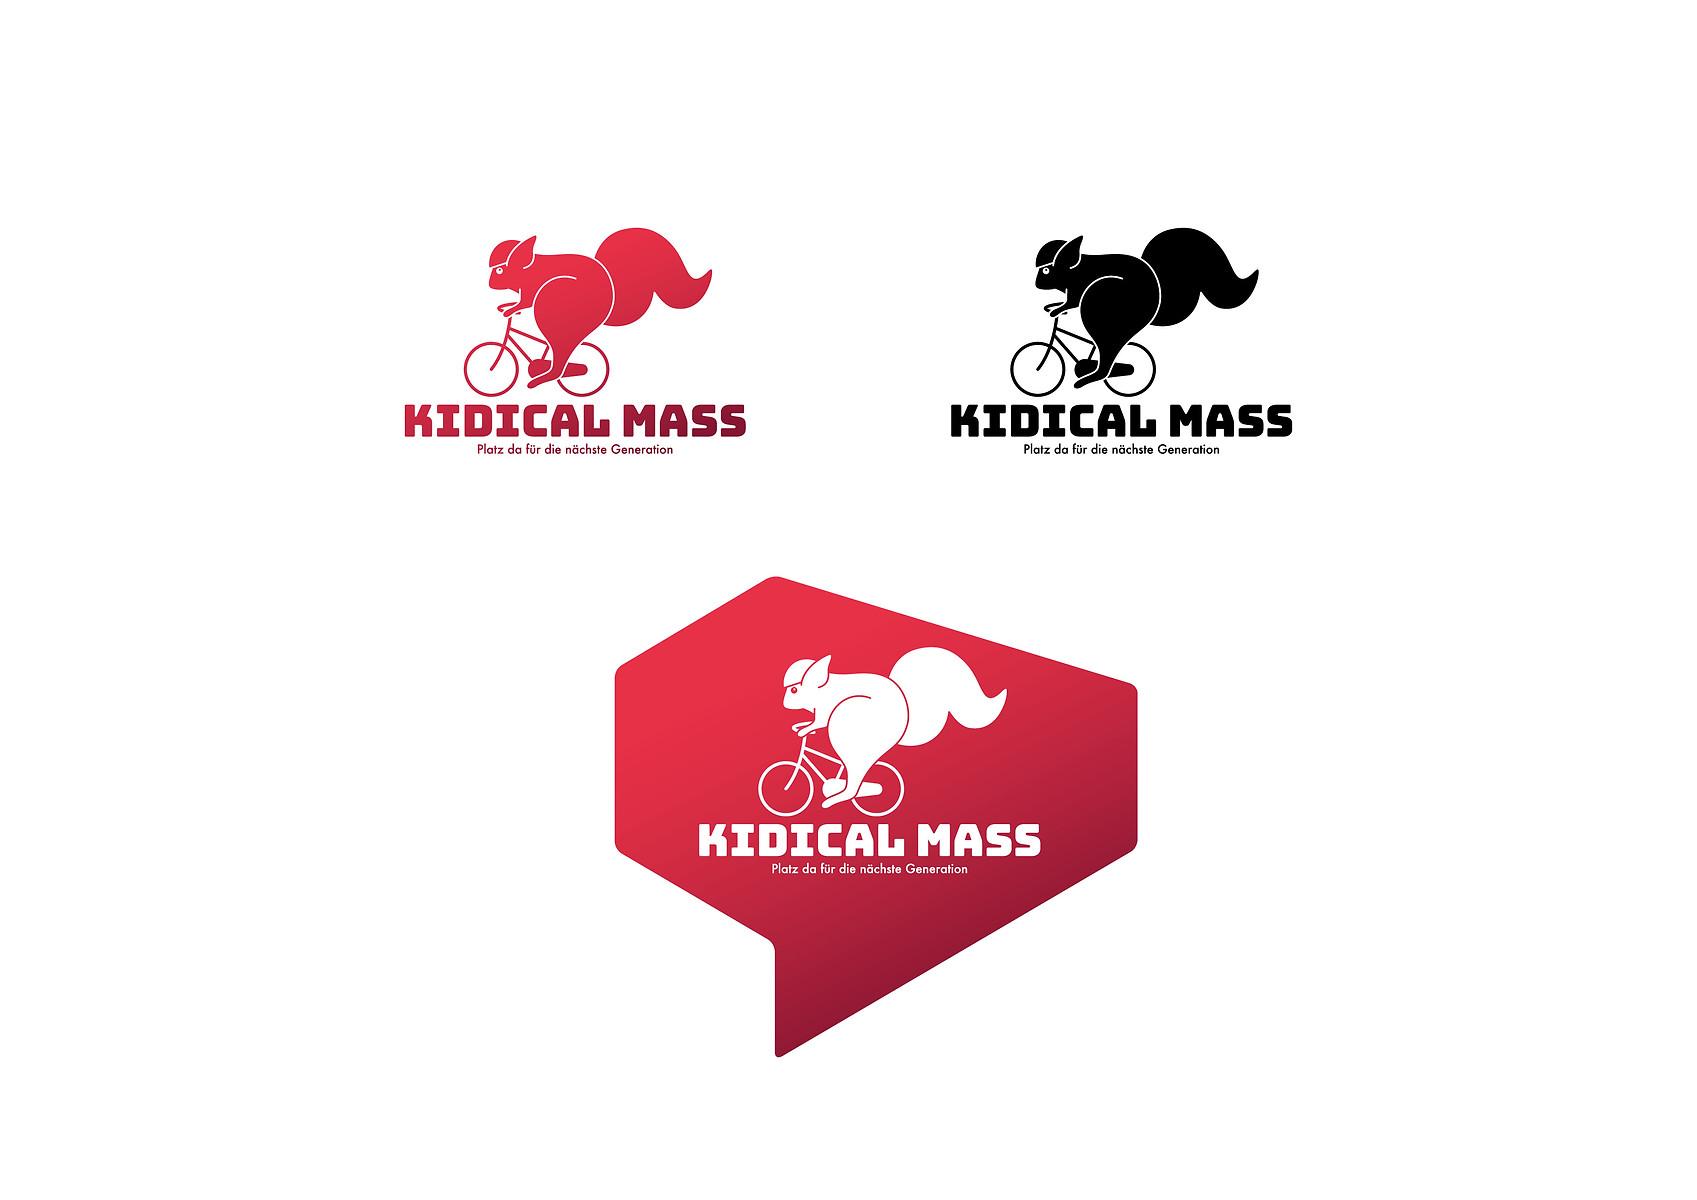 Kiddical_Mass_Logo.jpg